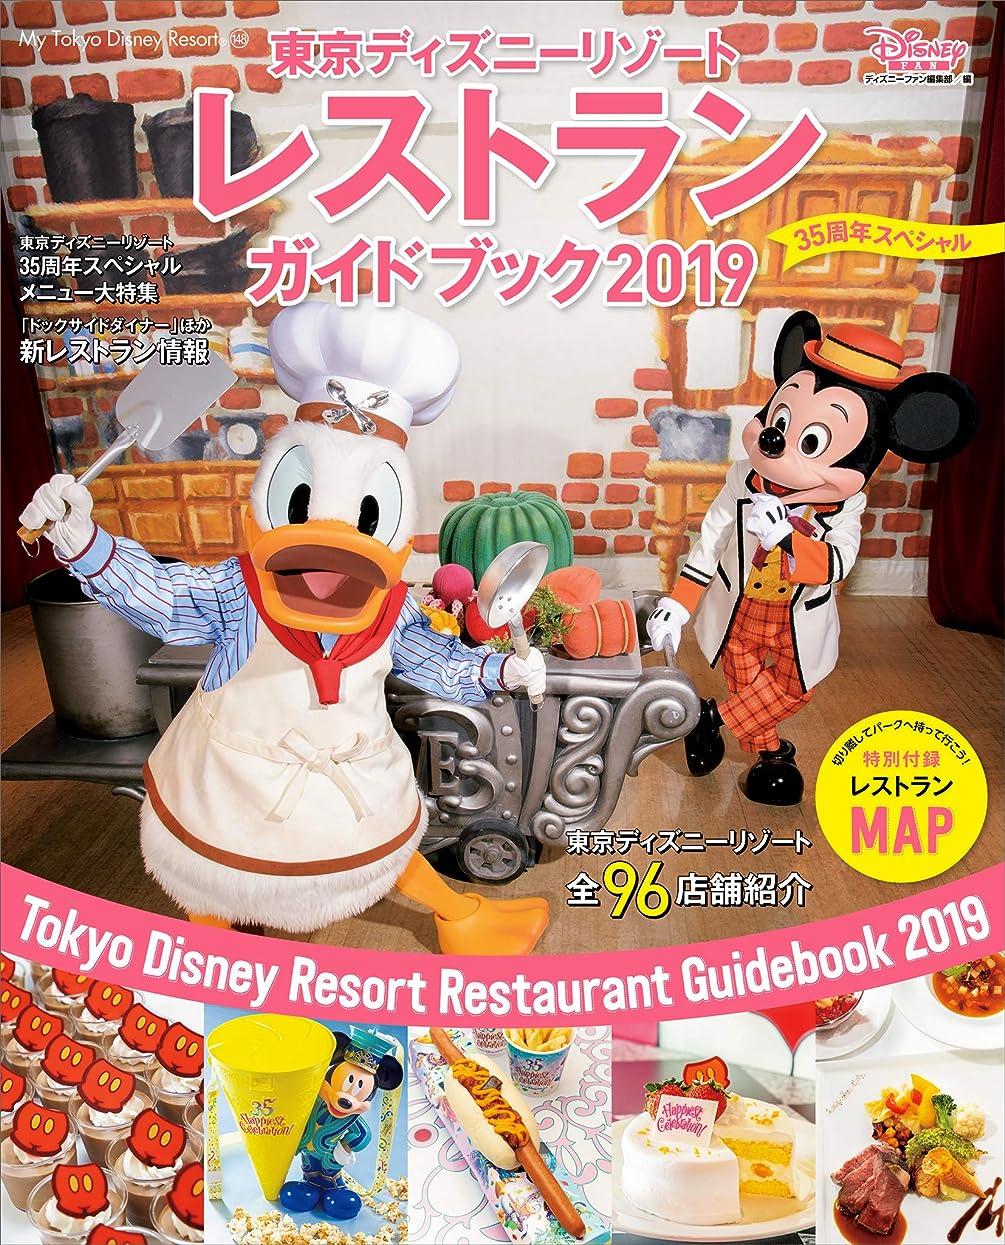 ストッキング甥トリム東京ディズニーリゾート レストランガイドブック 2019 35周年スペシャル (My Tokyo Disney Resort)